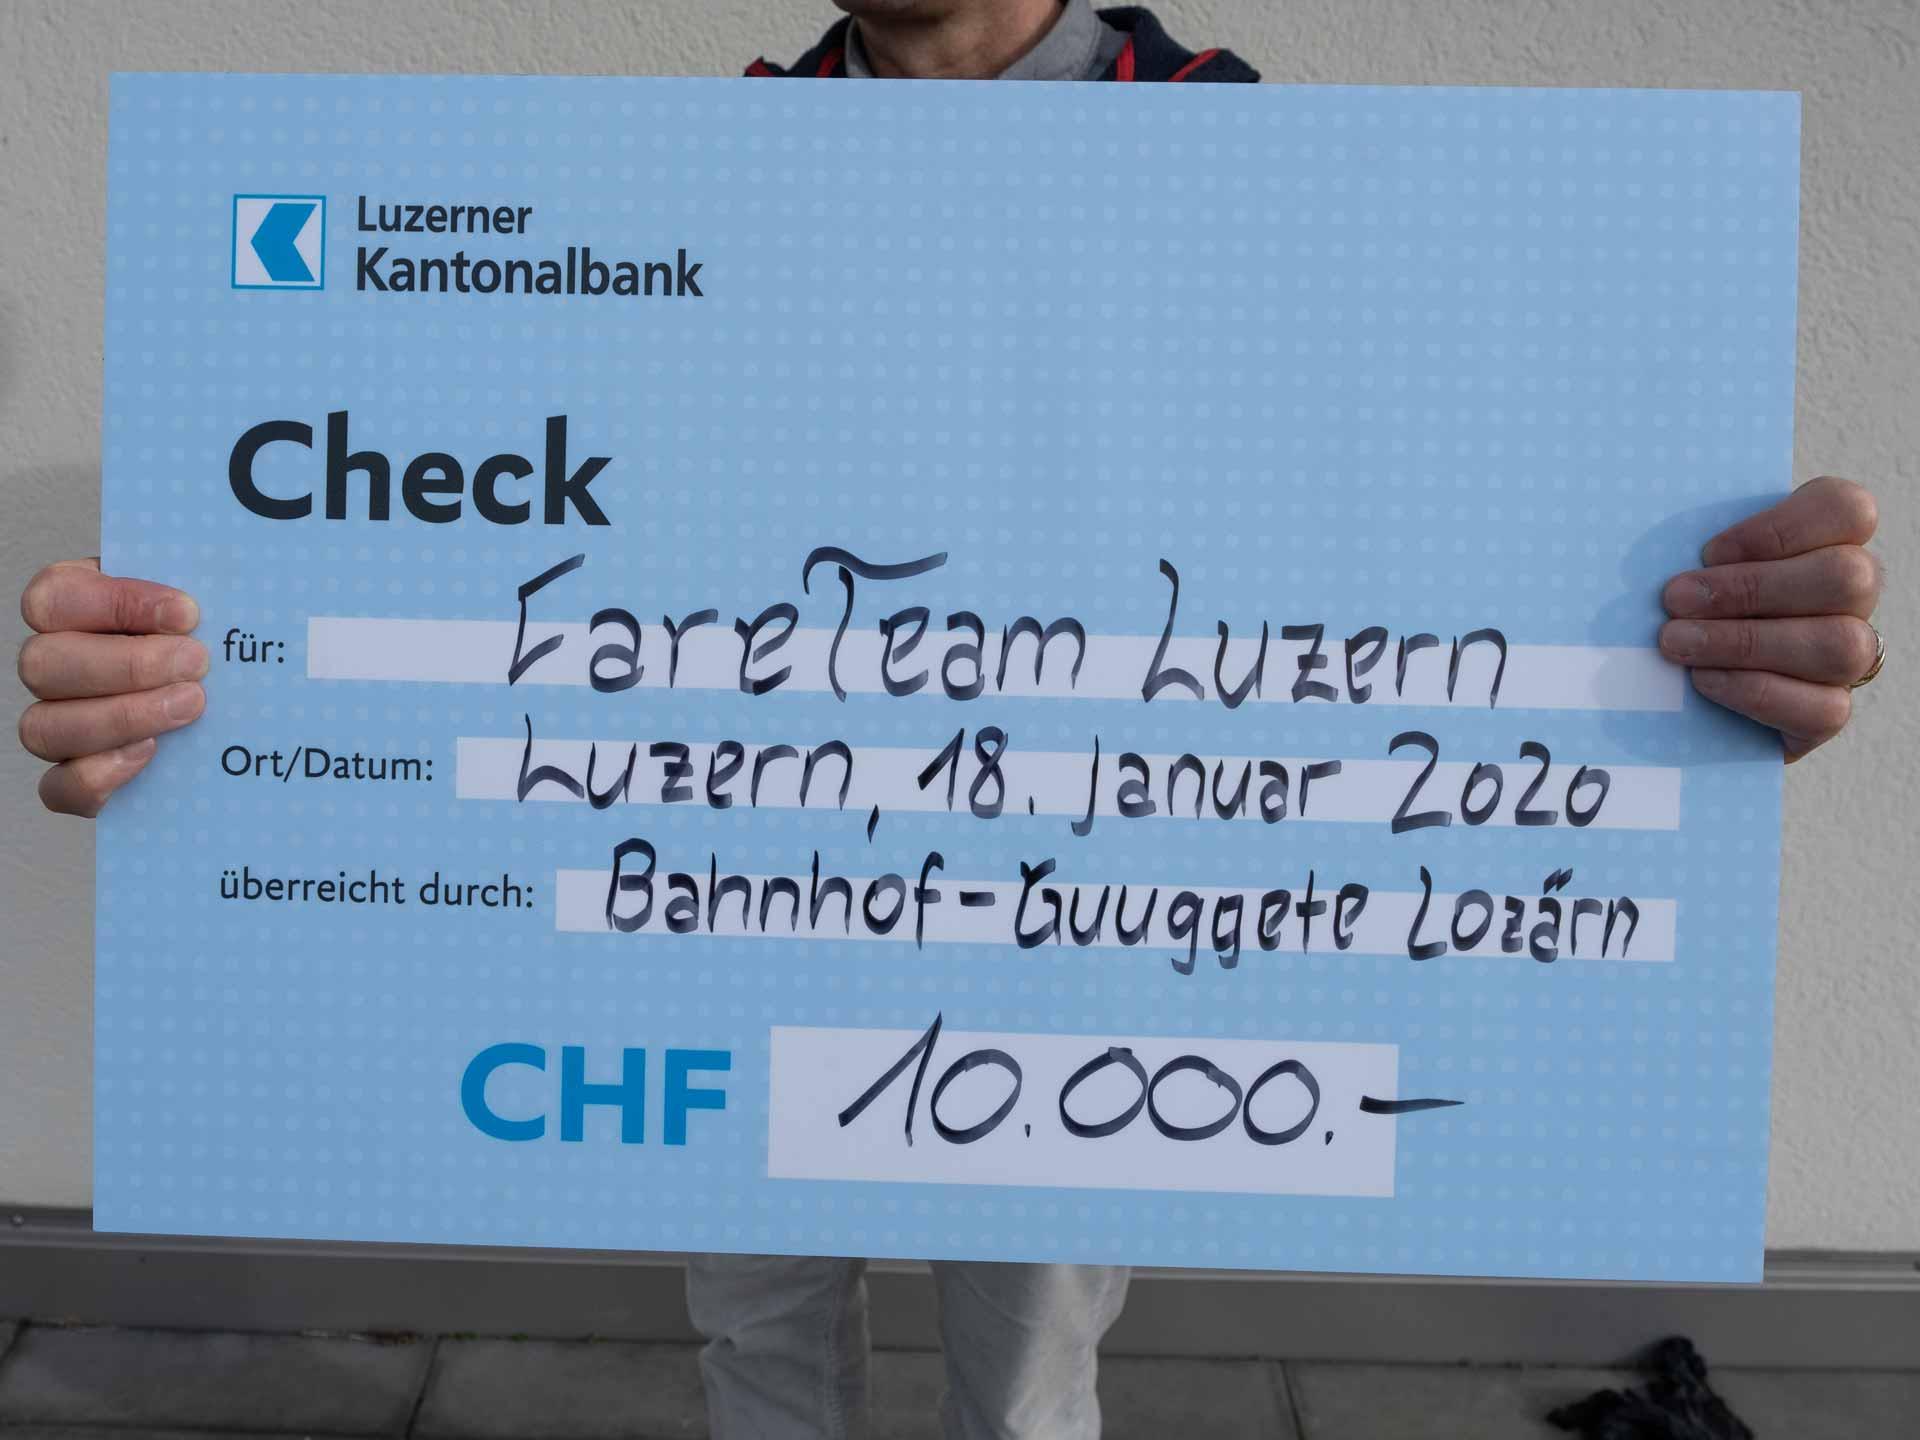 Stärkt die Organisation Notfallseelsorge/Care Team: Der Check der «Bahnhof-Guggete Lozärn». | © 2020 Dominik Thali